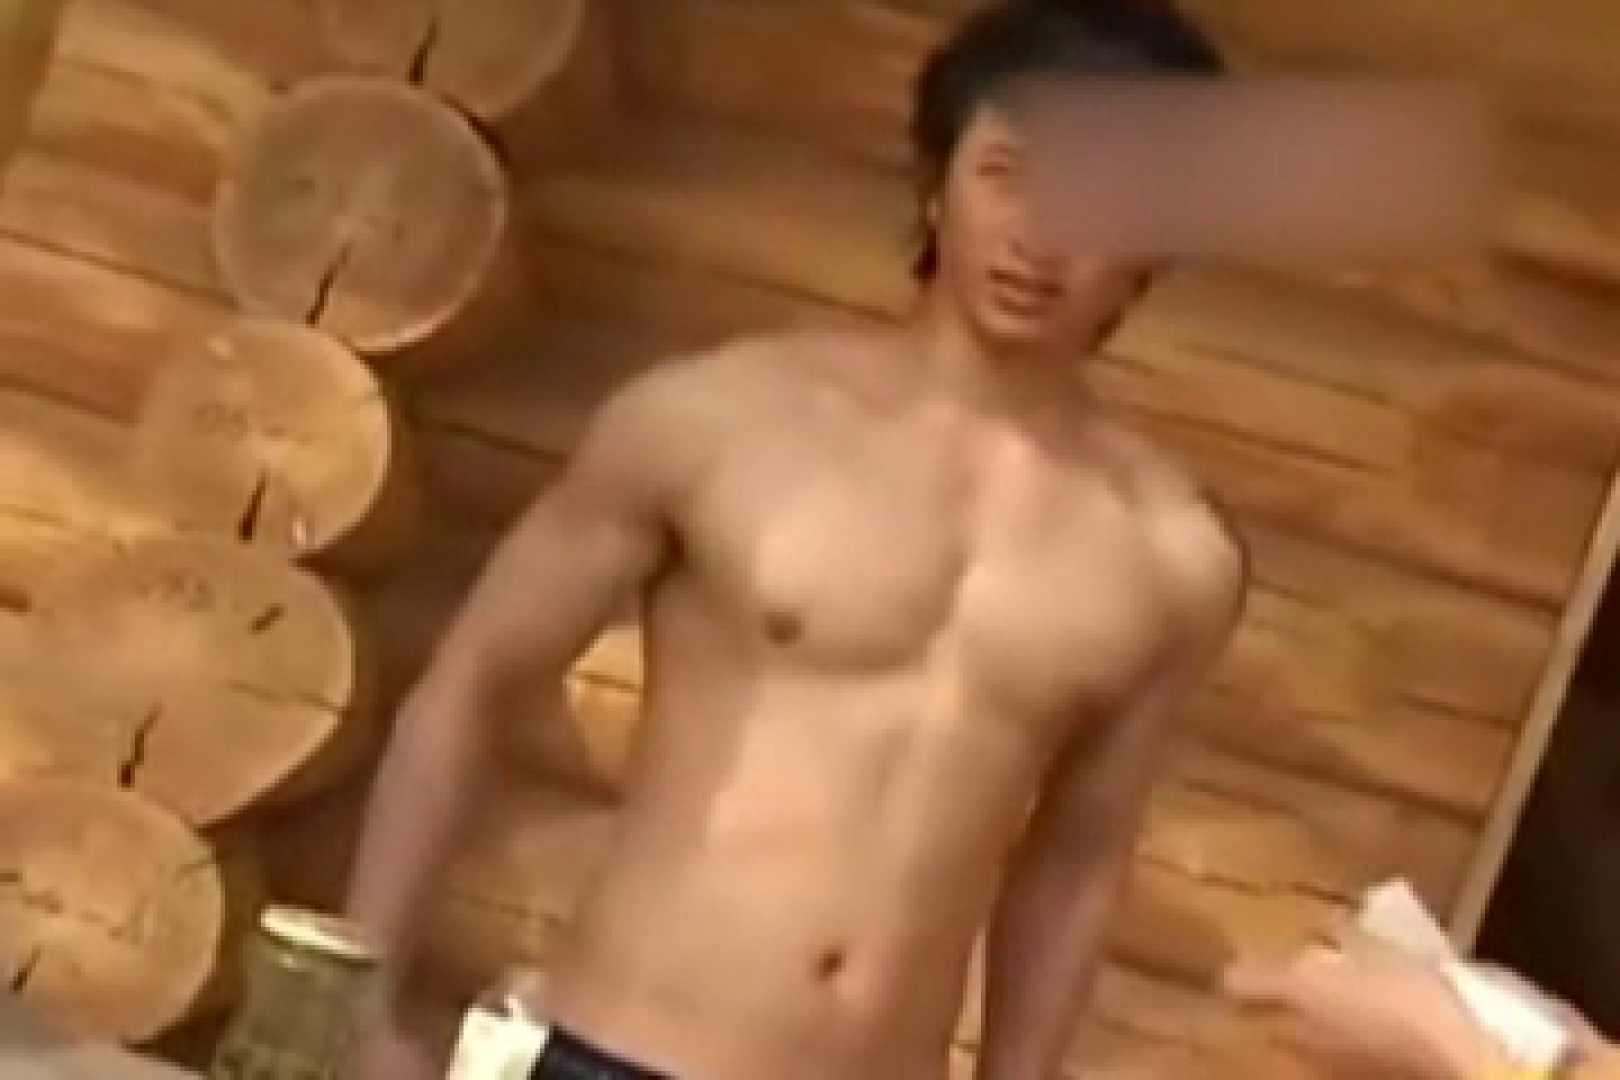 流出!!メンズスーパーモデル達のヌードinChina vol2 流出 男同士画像 9枚 7